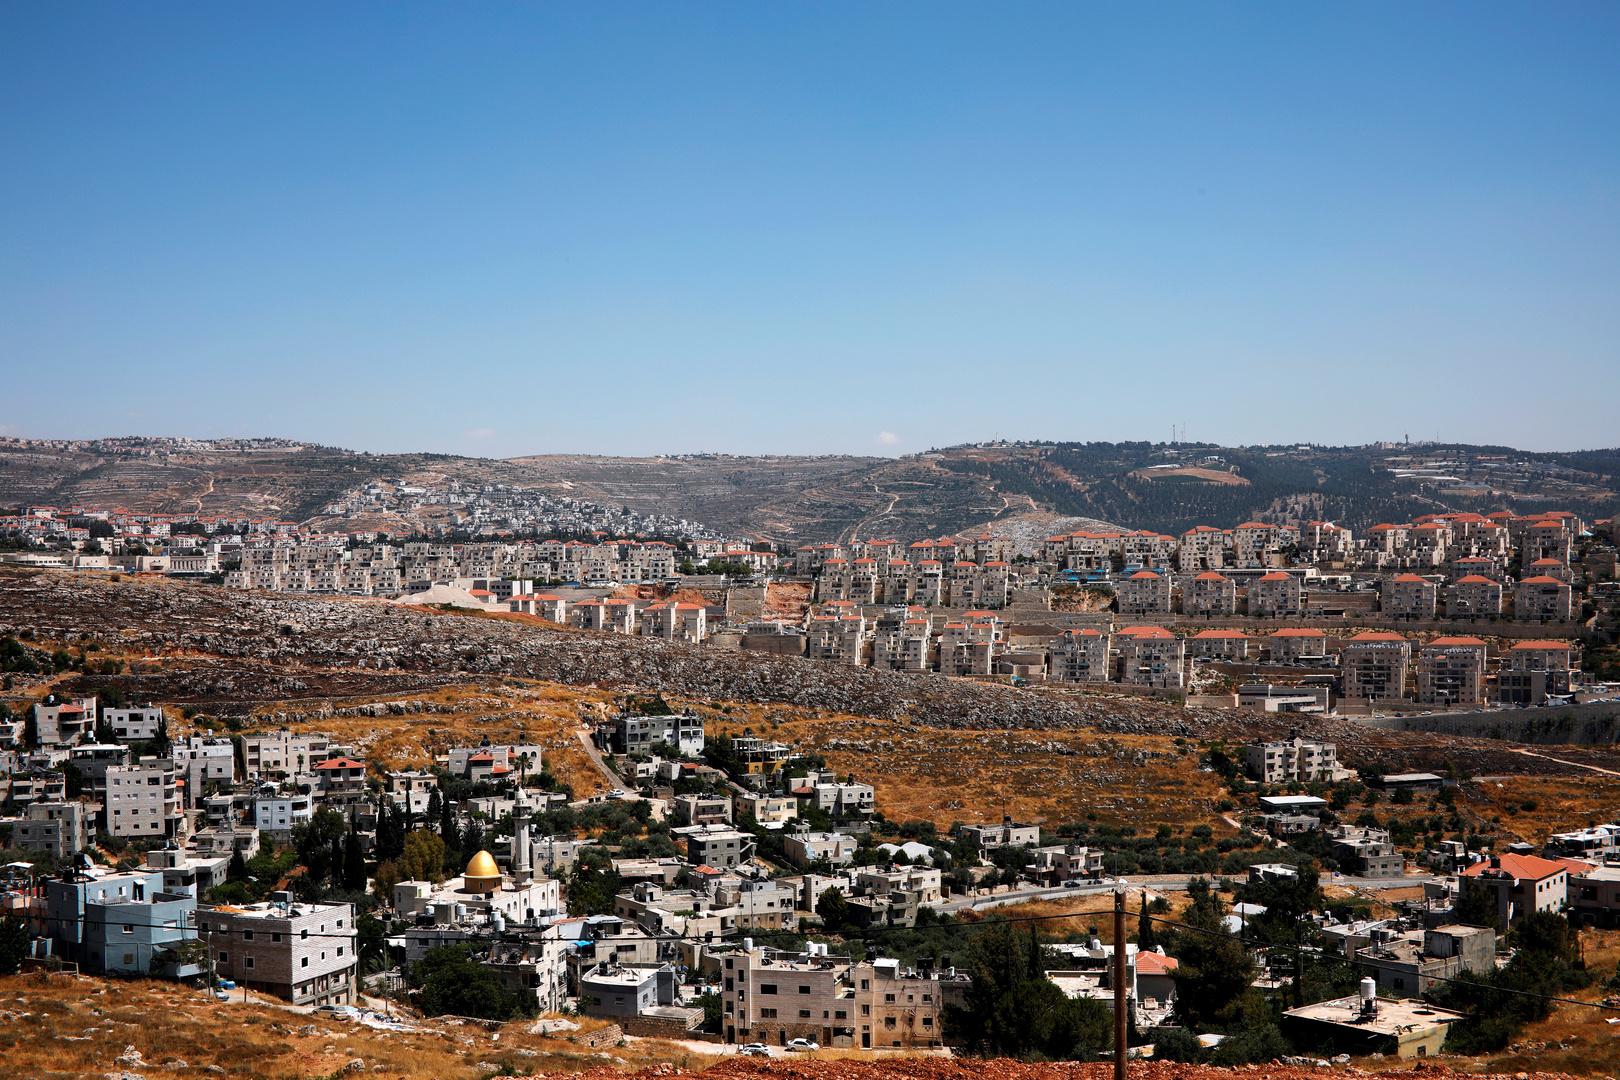 مئات المستوطنين يتظاهرون في القدس مطالبين بضم أراض فلسطينية فورا